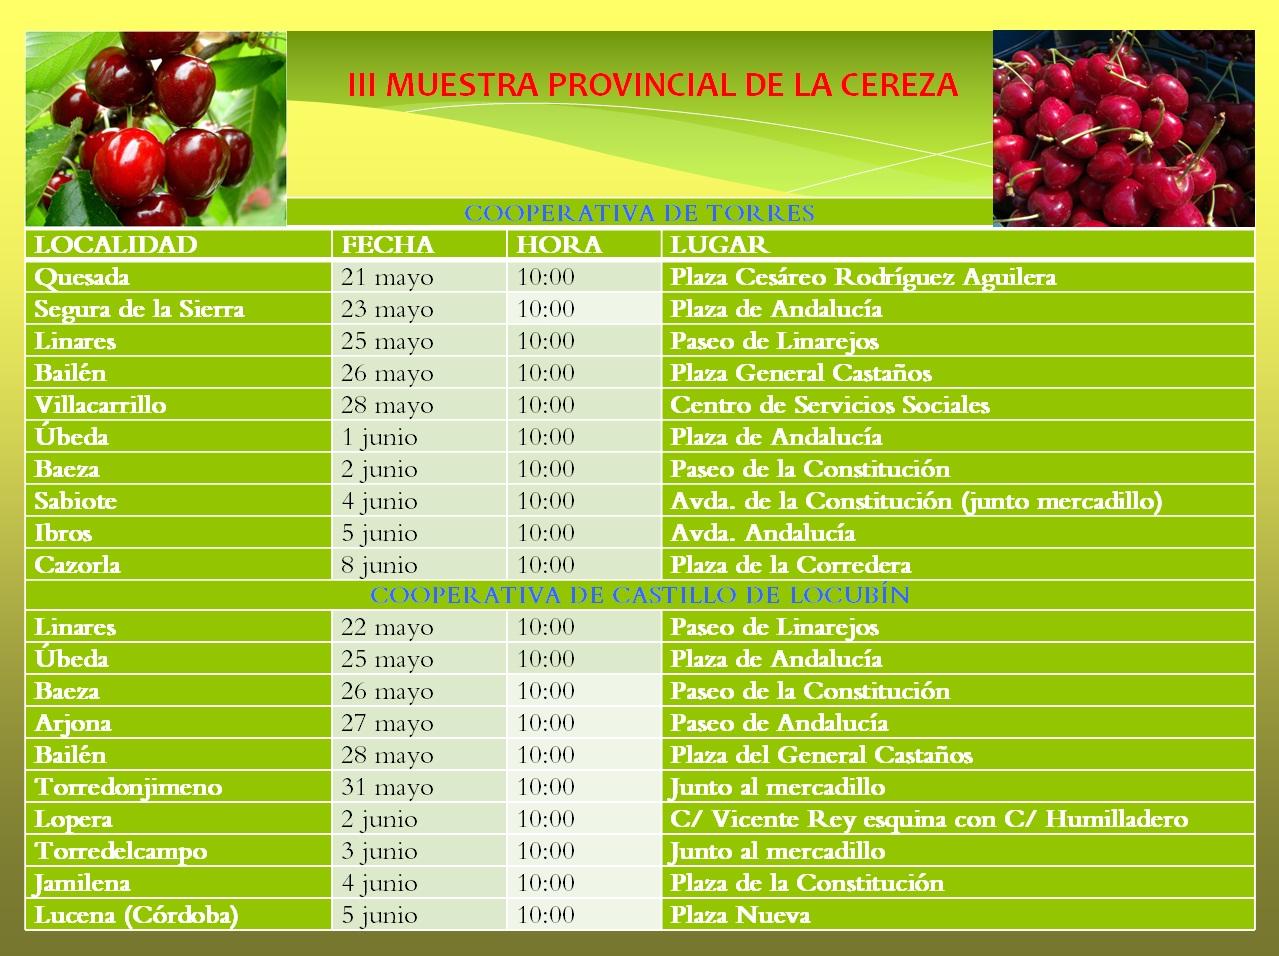 Calendario III Muestra cereza 2015